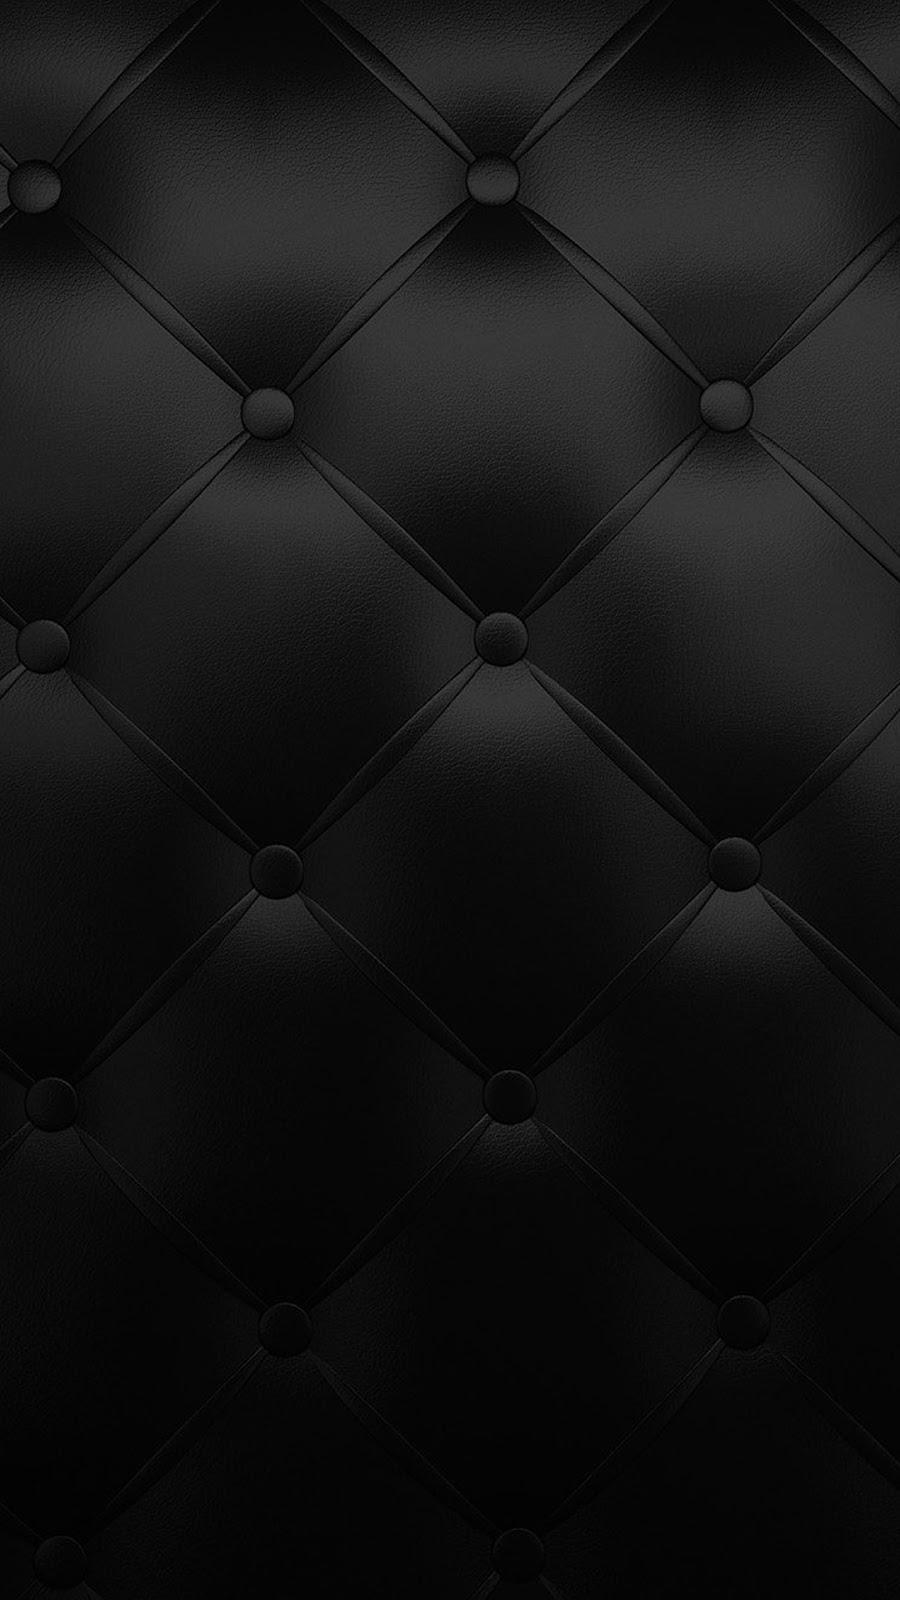 HD Duvar Kad   Ultra HD 4K Wallpapers   Widescreen Wallpapers 900x1600